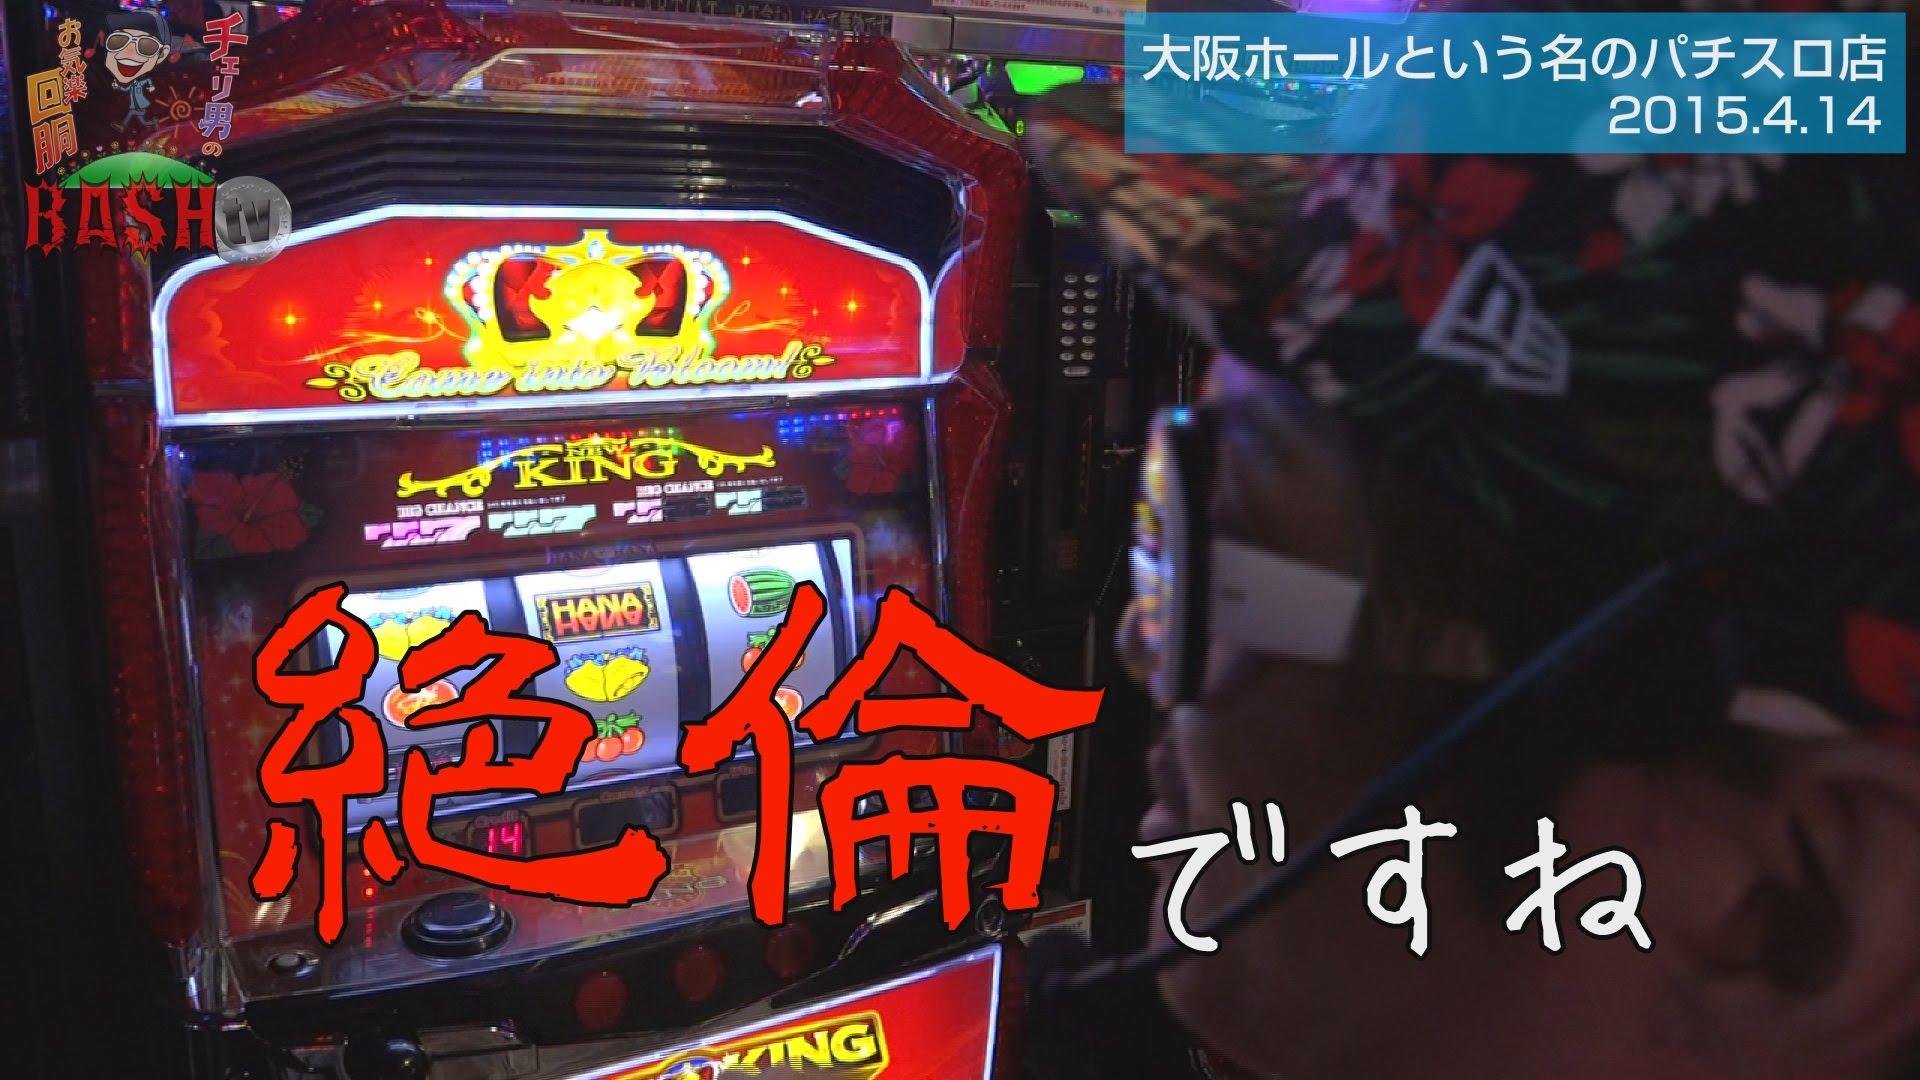 チェリ男のお気楽回胴 vol.20 チェリ男  《大阪ホールという名のパチスロ店》